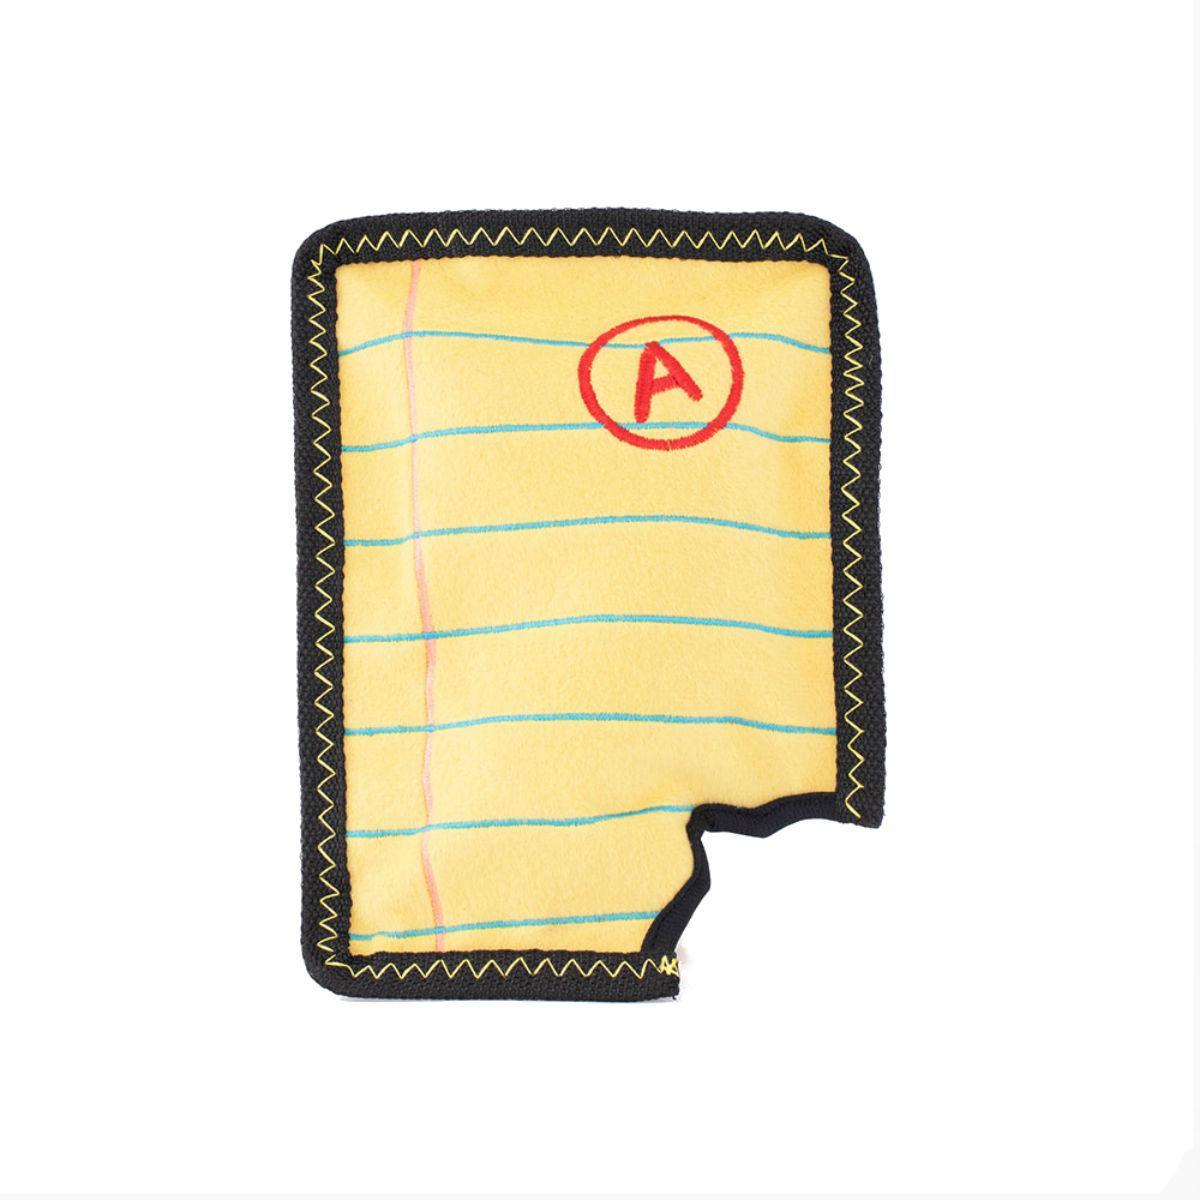 ZippyPaws Z-Stitch Yellow Notepad Dog Toy